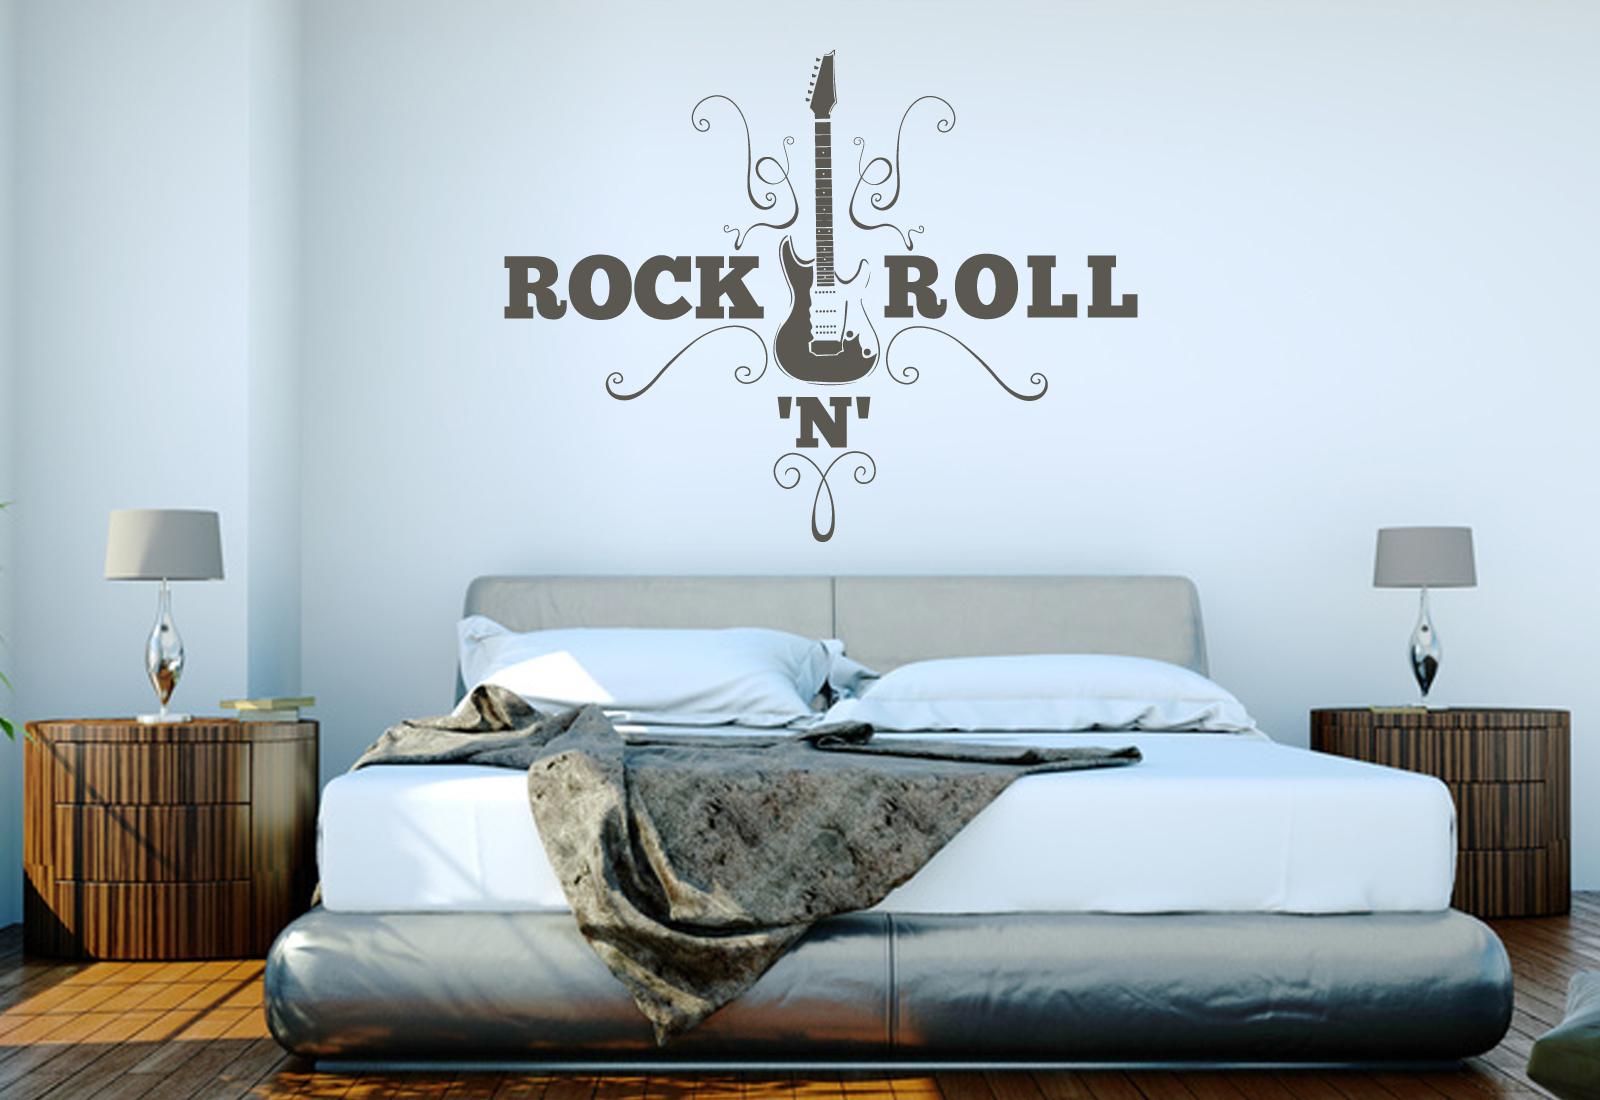 Full Size of Schlafzimmer Wandtattoo Gitarre Rocknroll Wandaufkleber Wohnzimmer Vorhänge Sprüche Massivholz Schimmel Im Wiemann Bad Nolte Deko Gardinen Für Komplett Schlafzimmer Schlafzimmer Wandtattoo